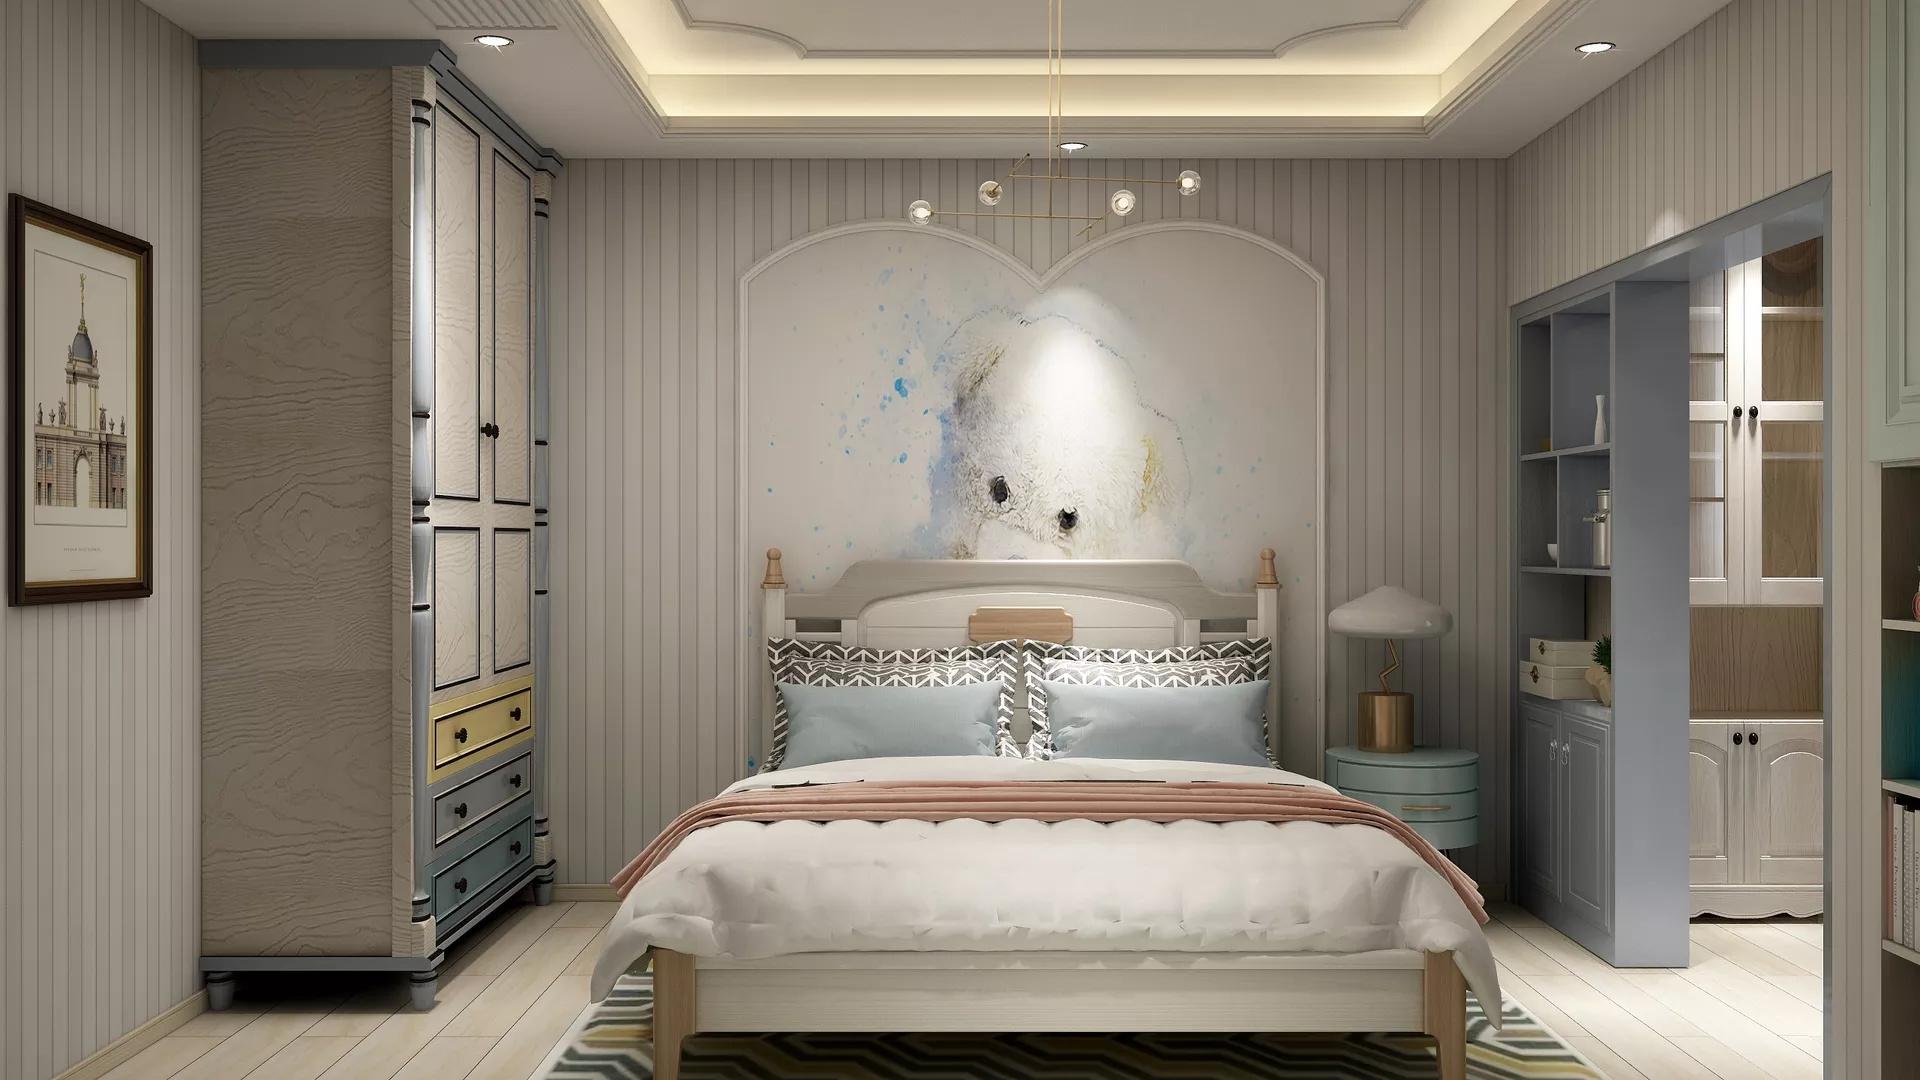 2018卧室背景墙流行什么搭配 2018卧室背景墙流行搭配风格